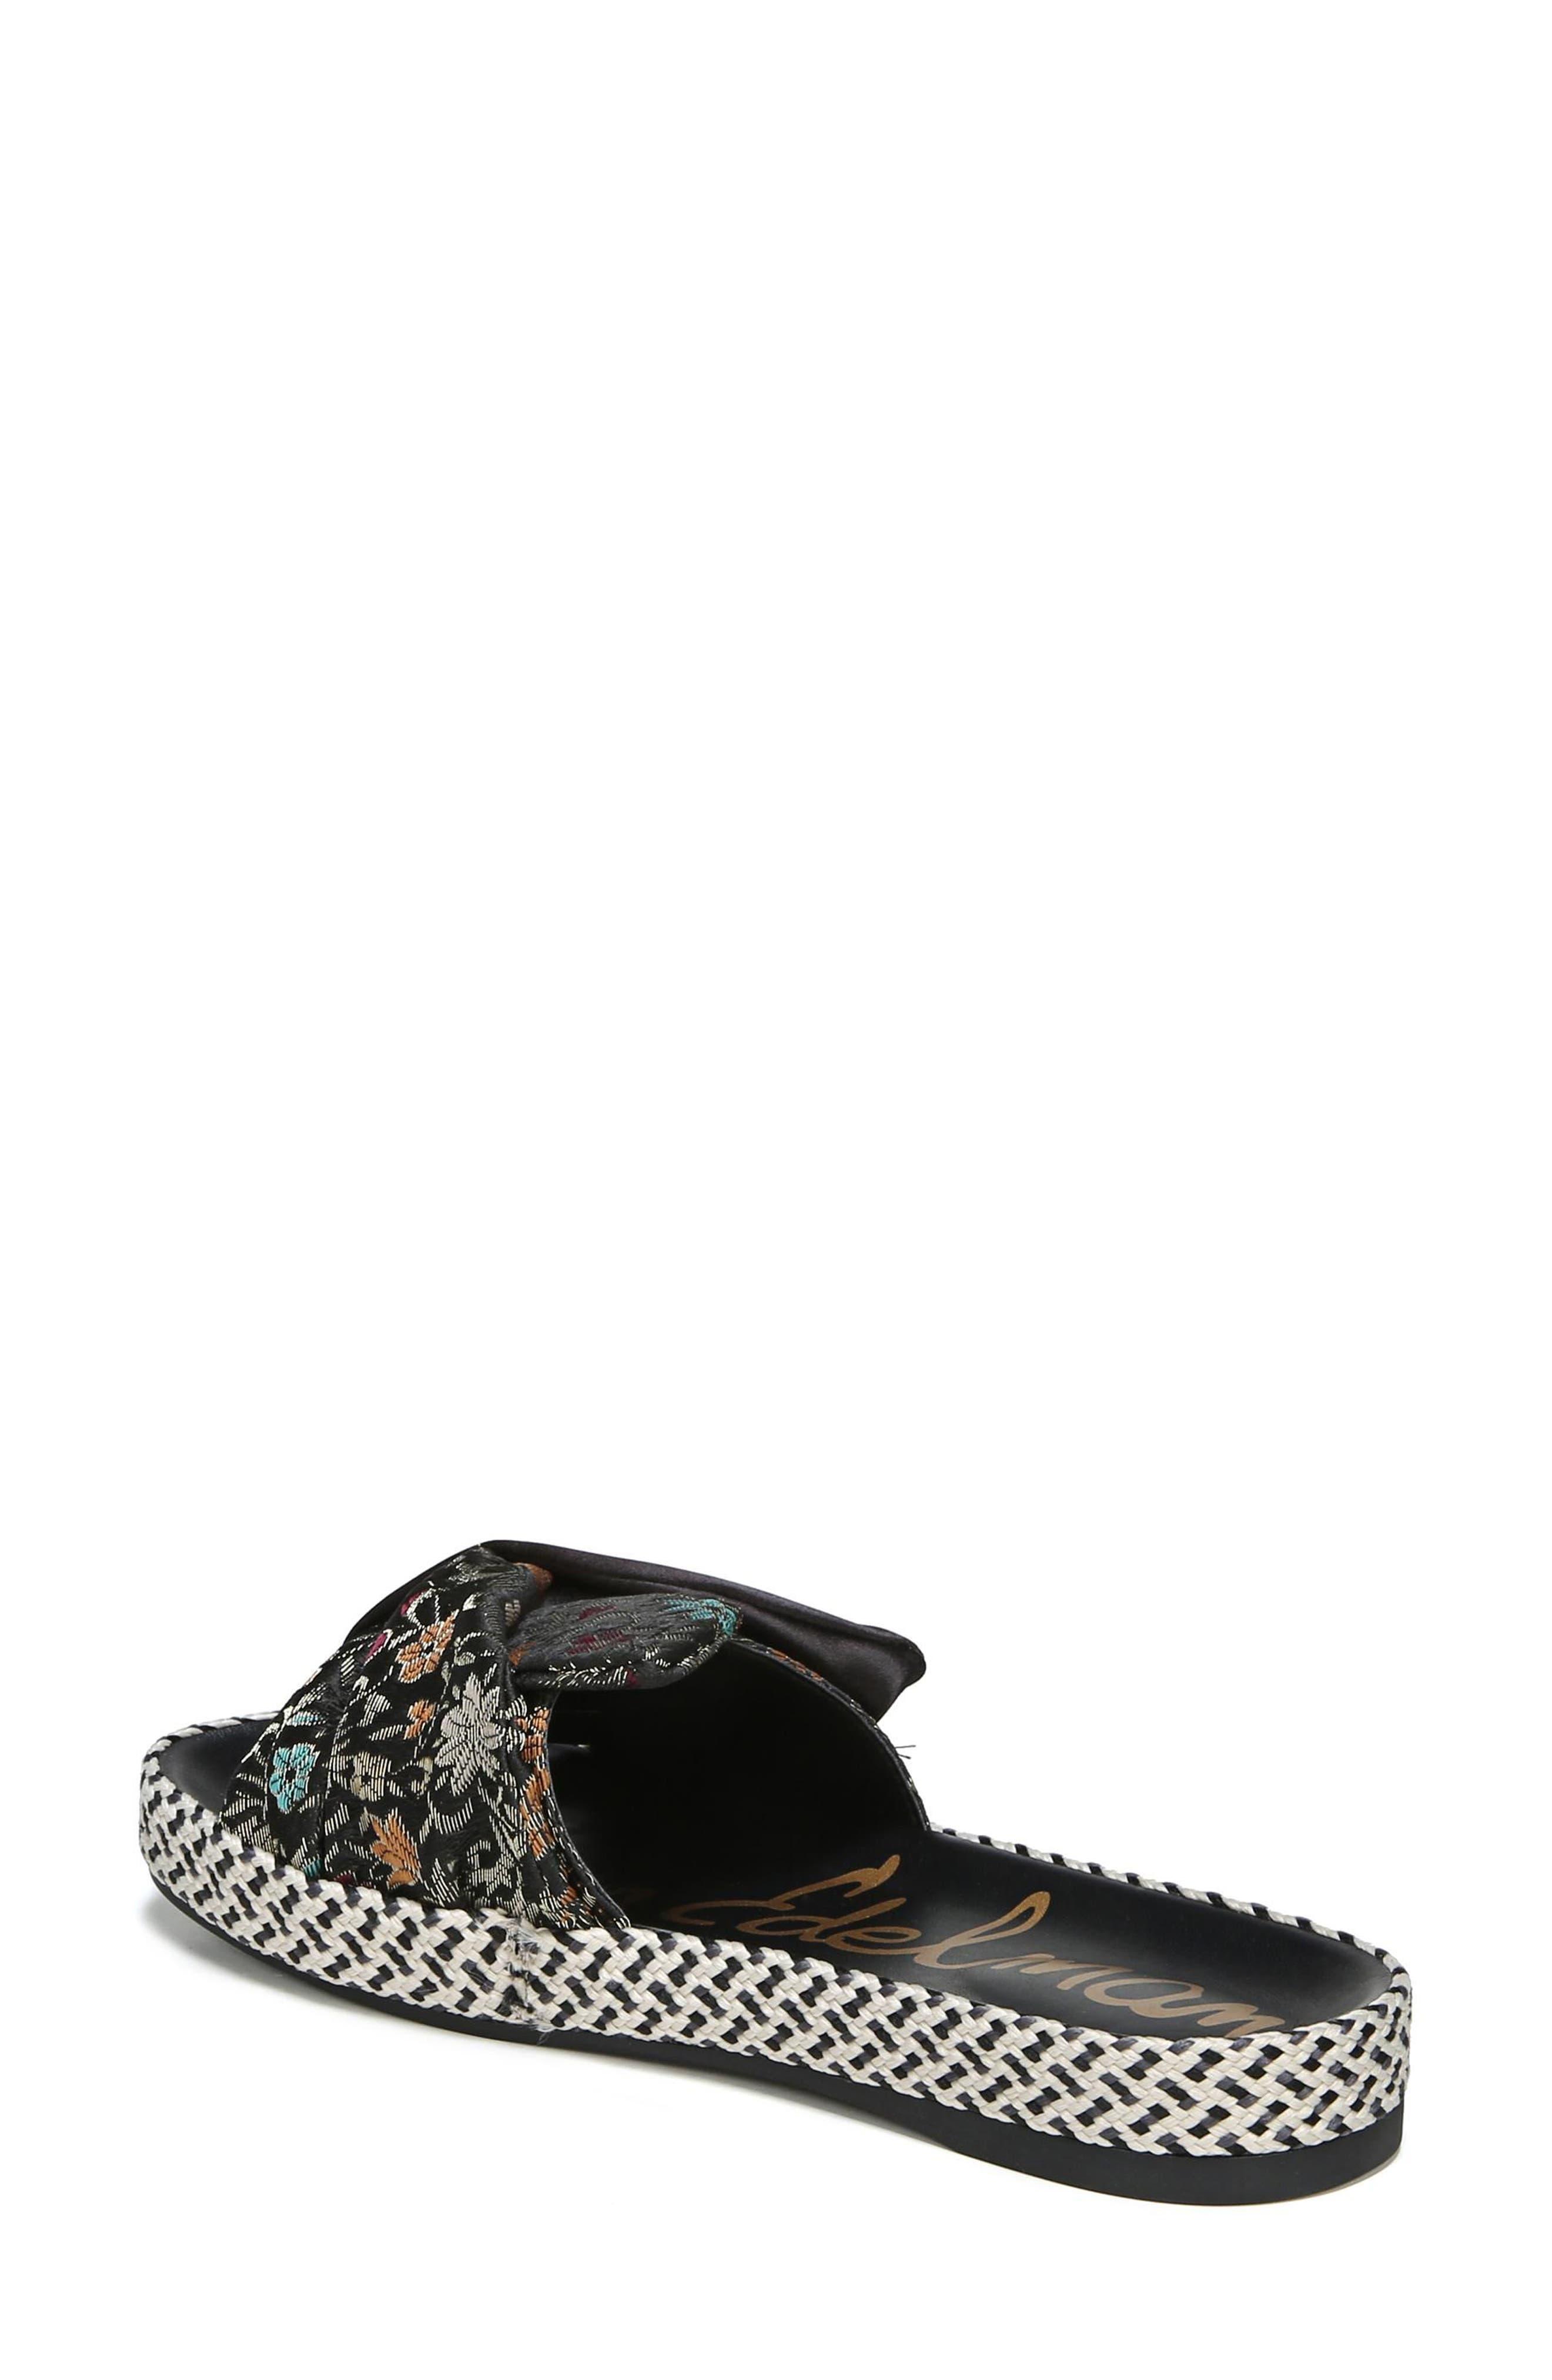 Bodie Slide Sandal,                             Alternate thumbnail 2, color,                             Black Floral Brocade